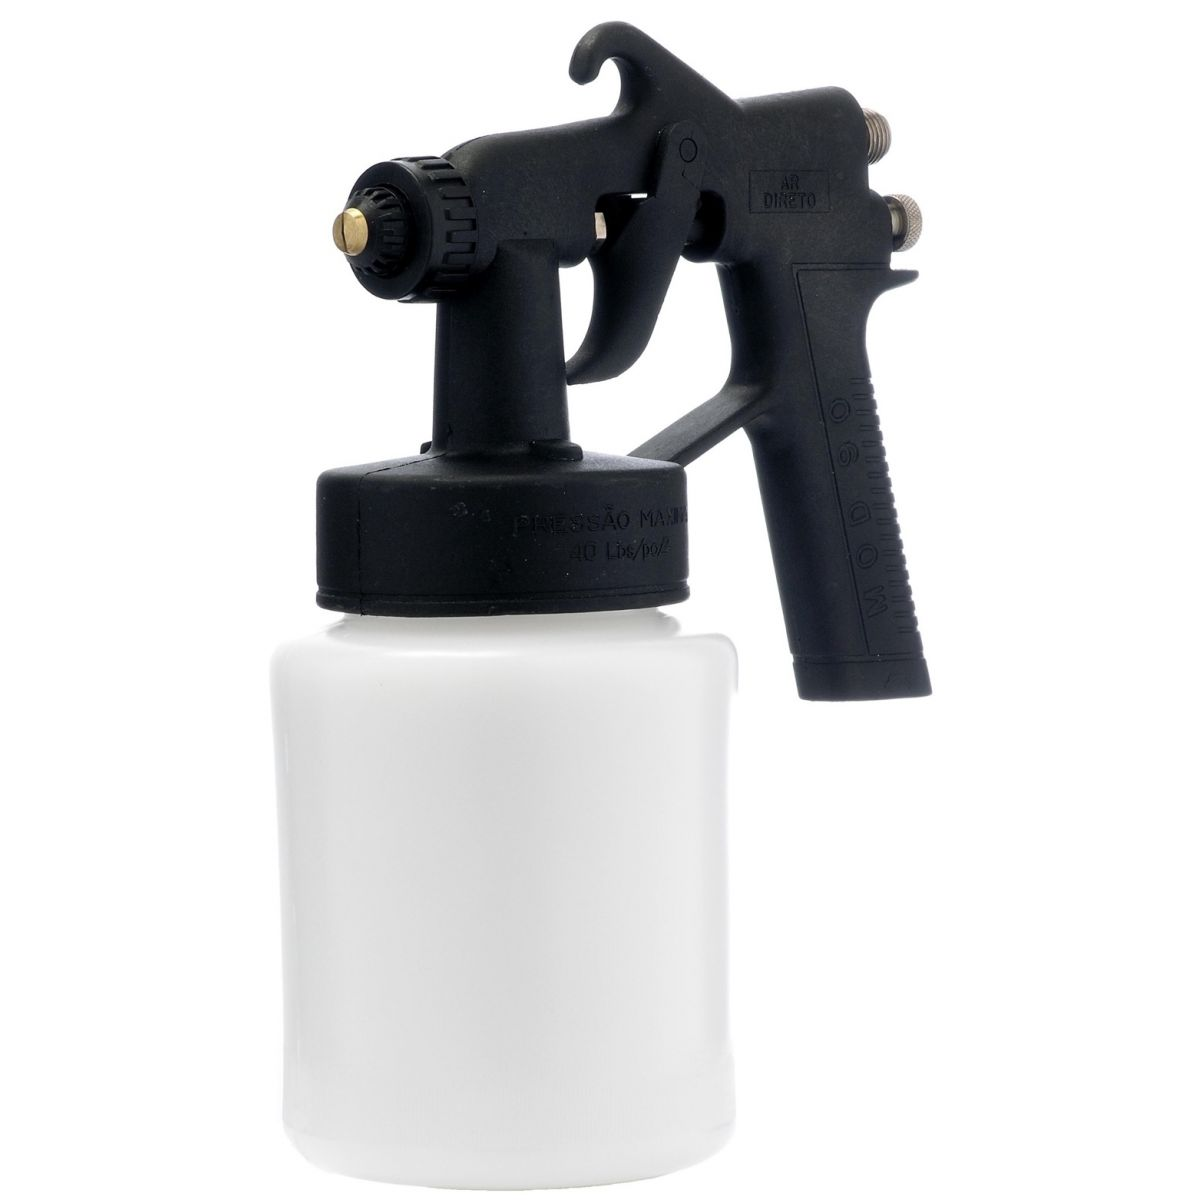 Pistola Pintura Arprex Modelo 90 (ar direto)